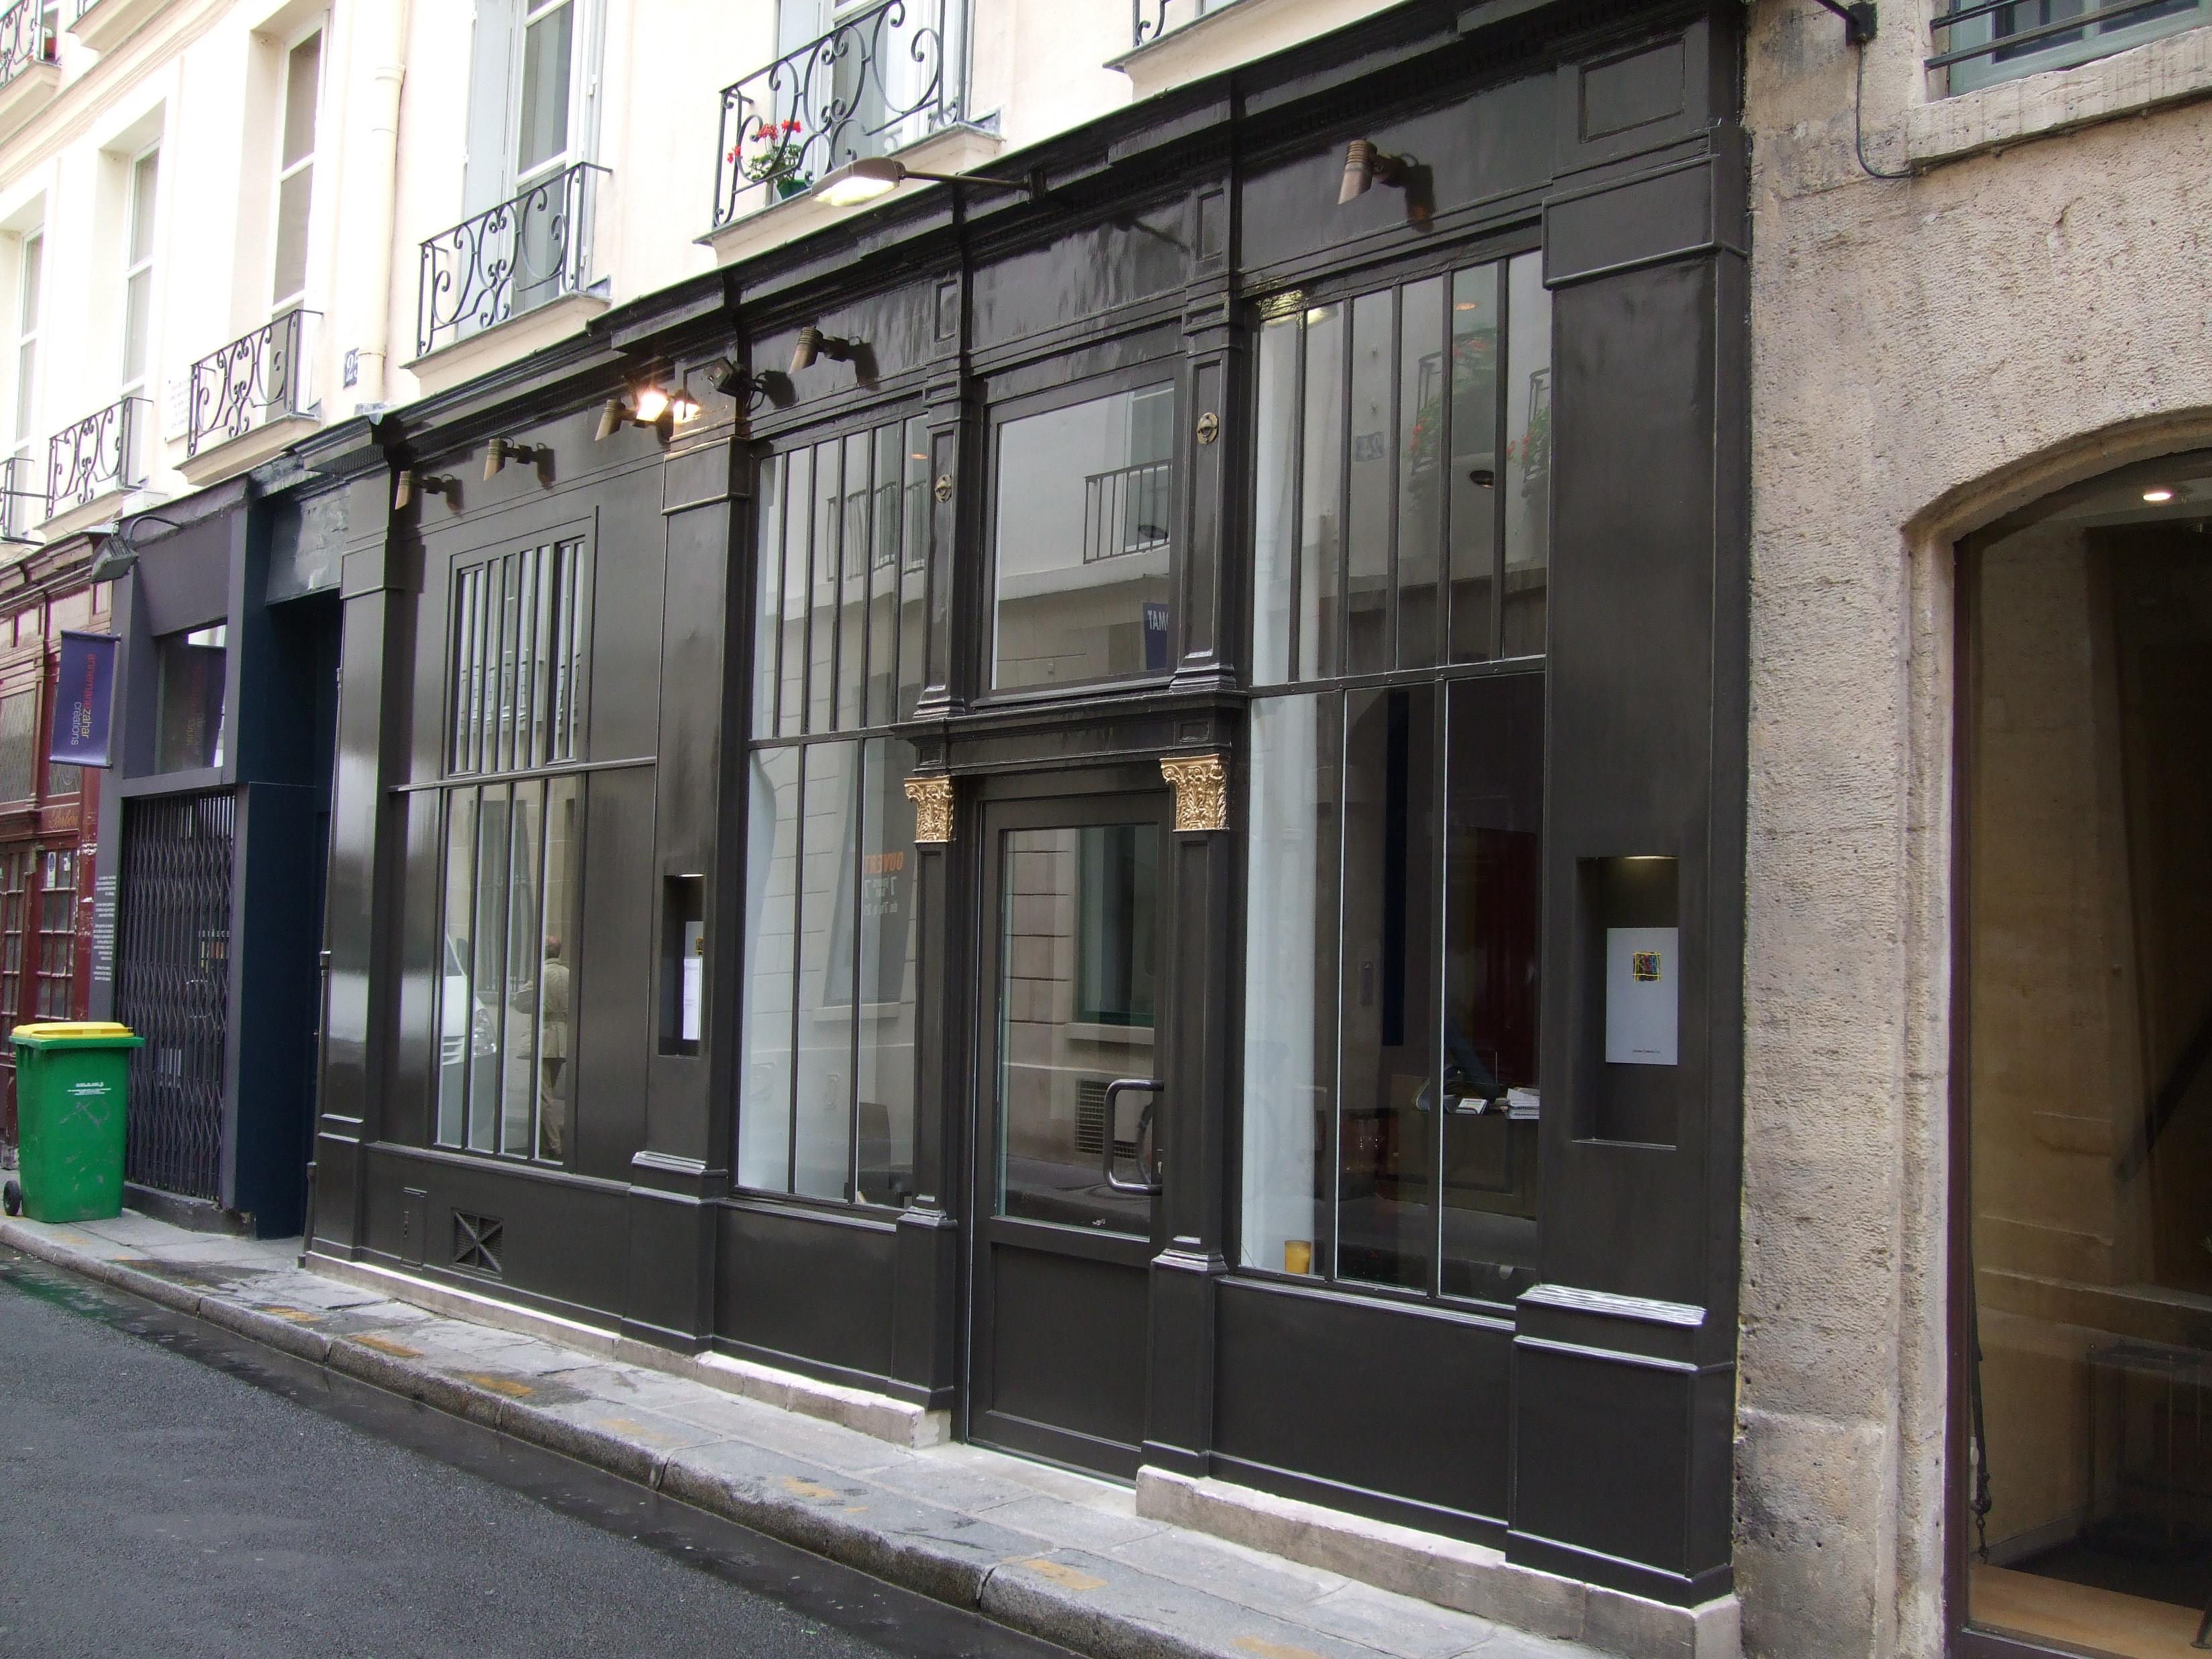 john talbott s paris kitchen galerie bis in the 6th two steps